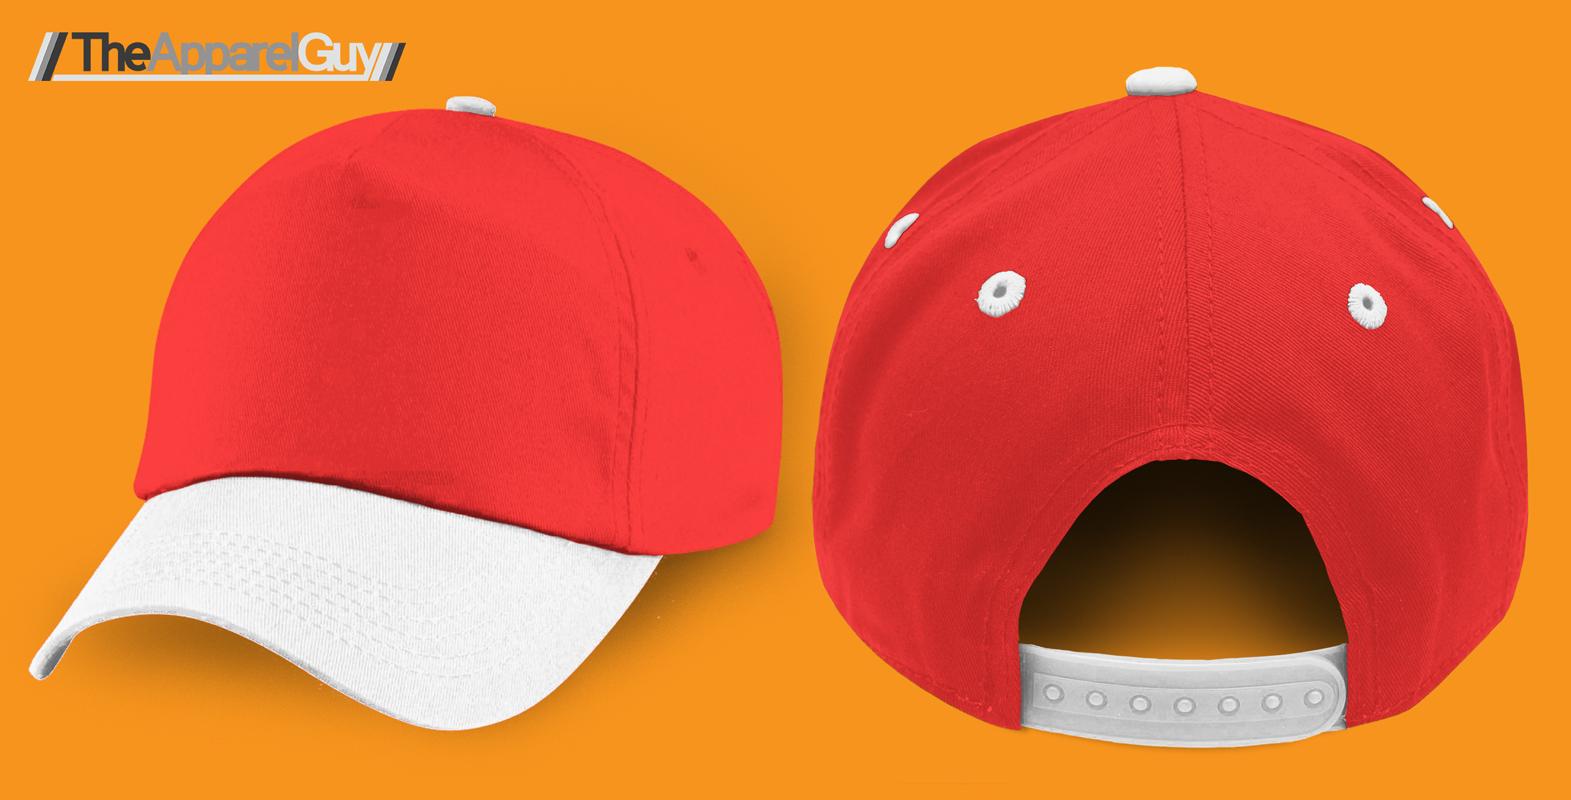 New Baseball Cap Template